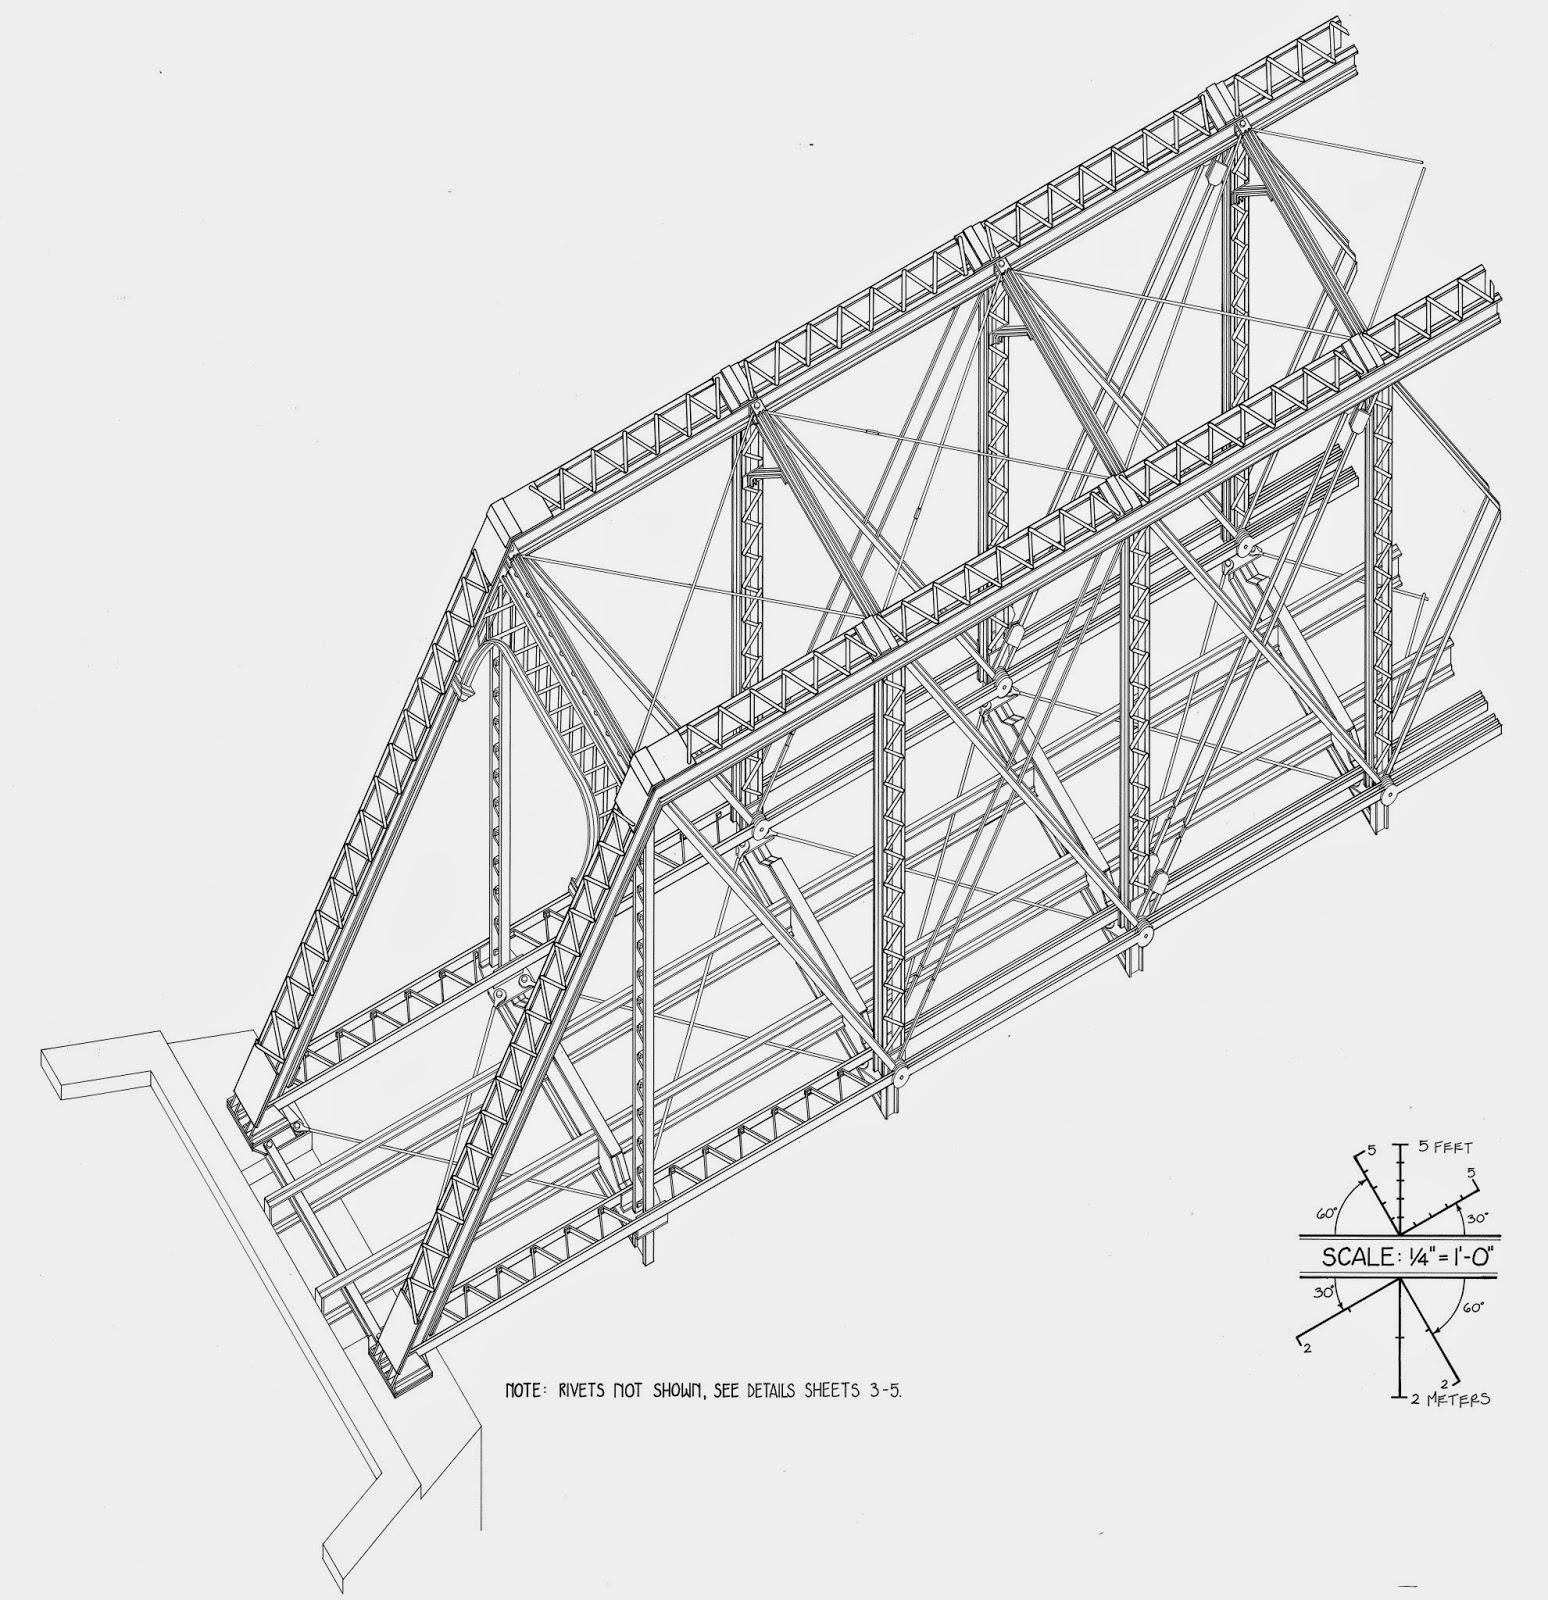 Free Model Railroad Plans, bridges, truss, pratt, through, Baltimore & Ohio